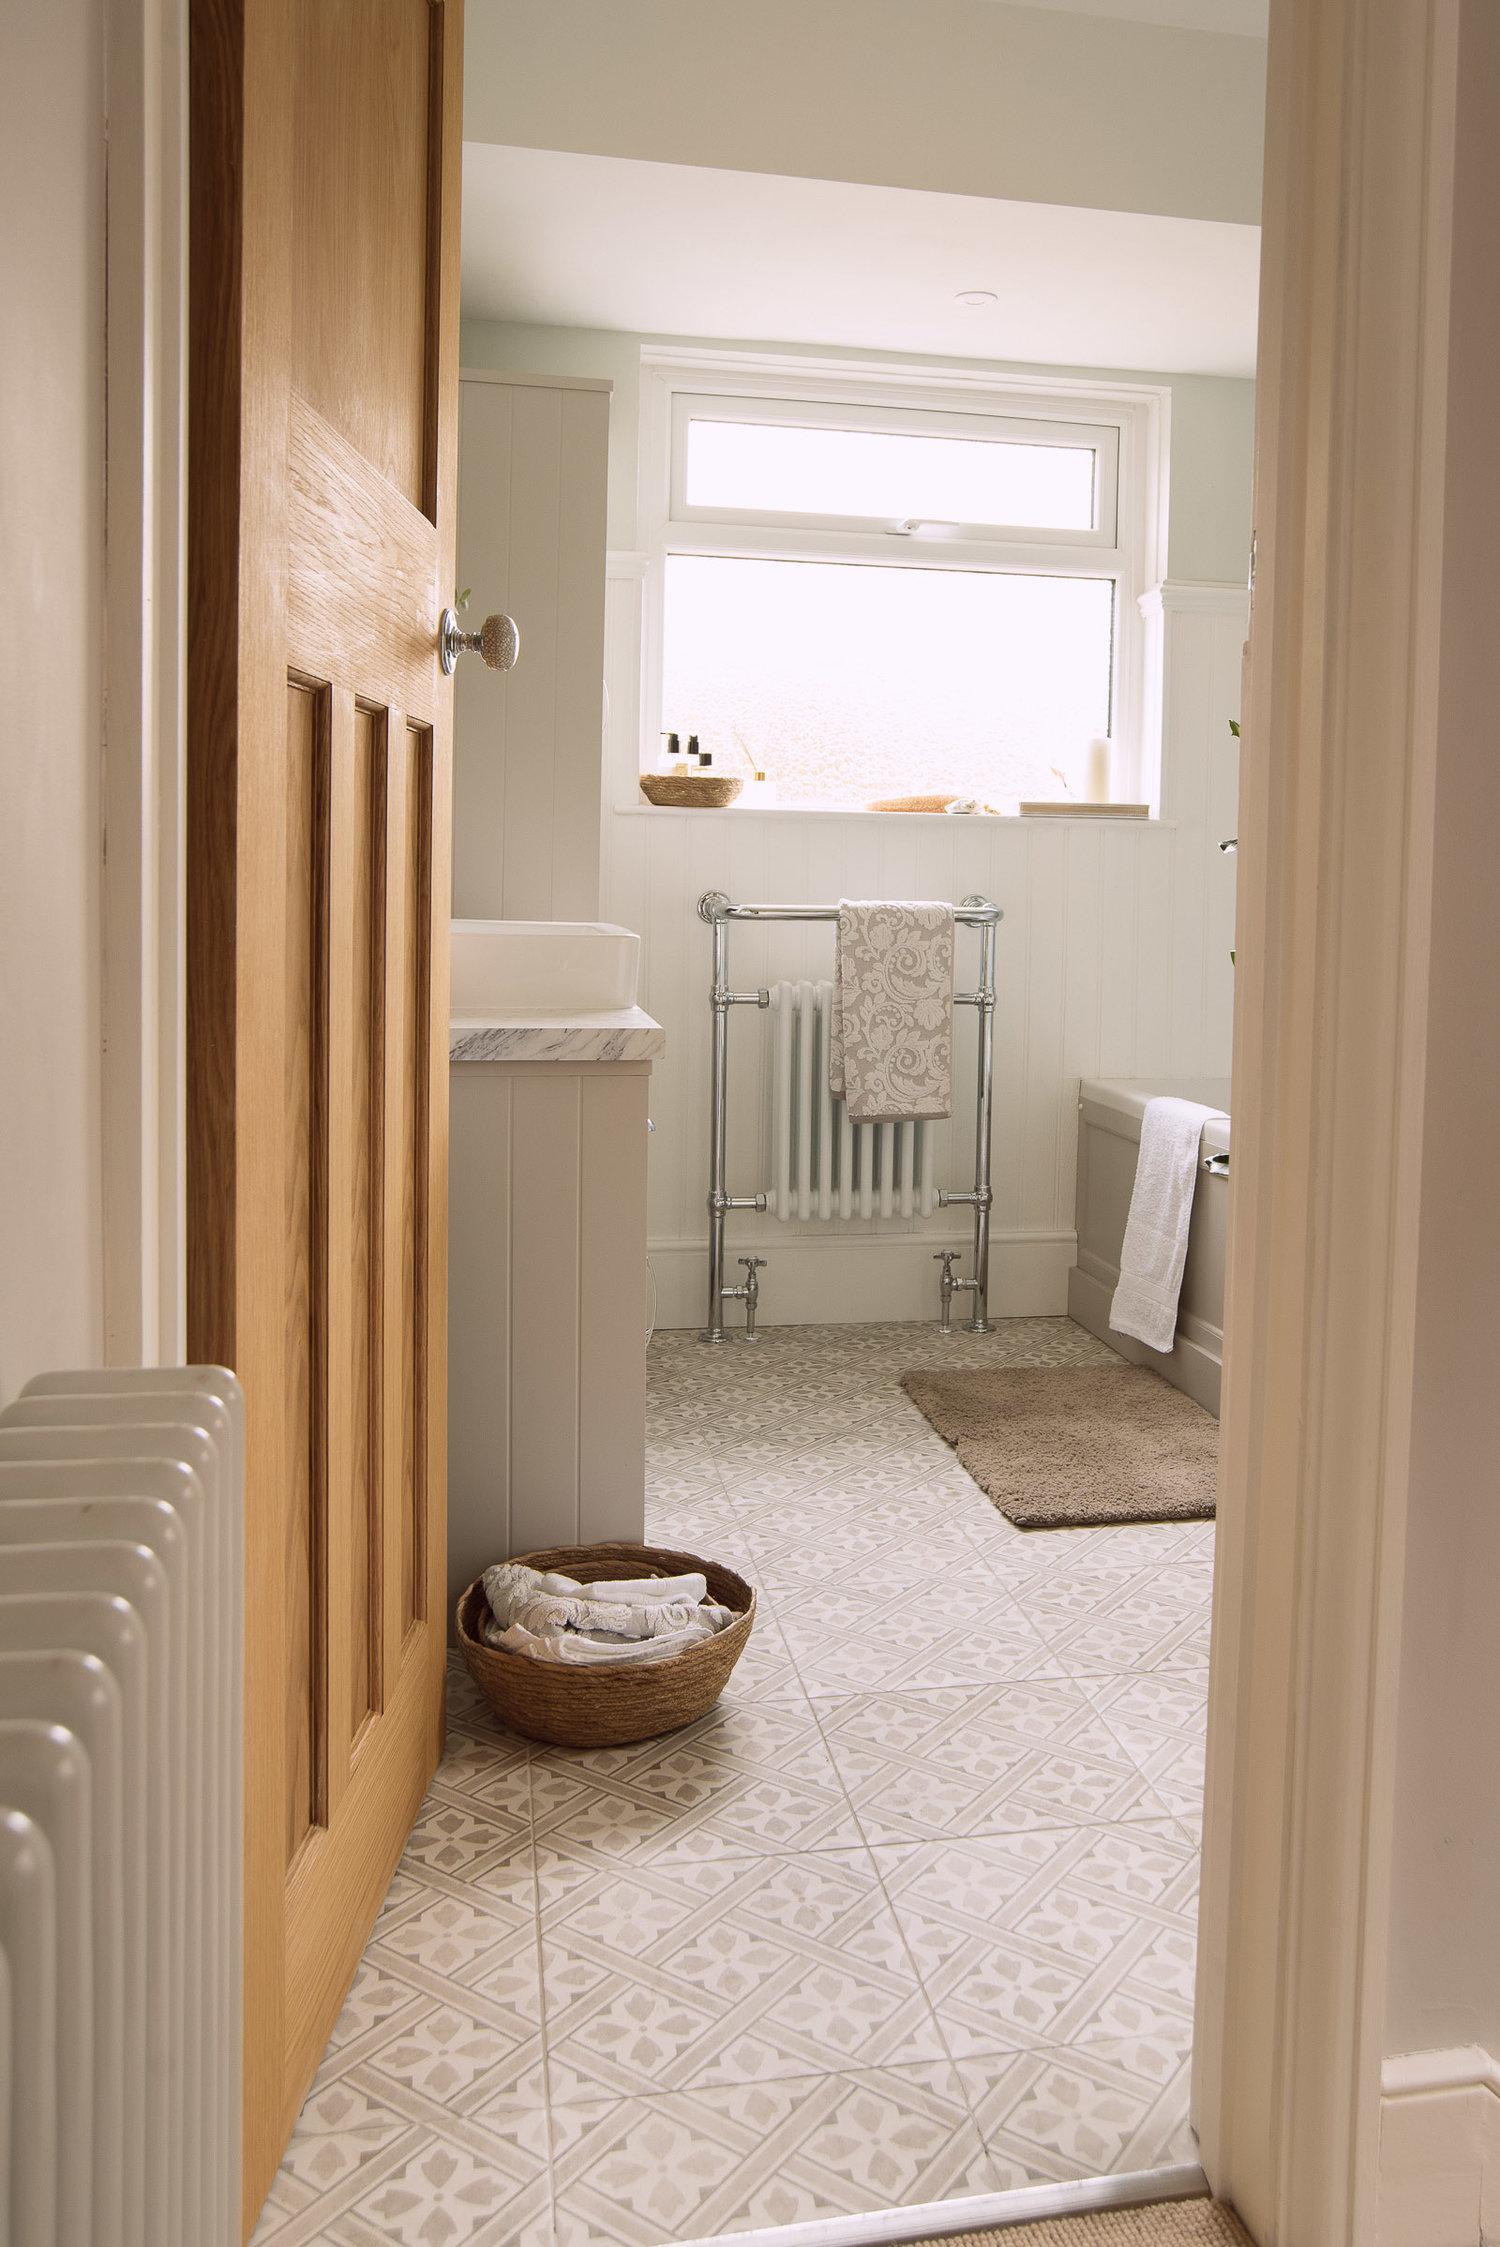 1930s+semi+detached+bathroom+renovation.jpeg